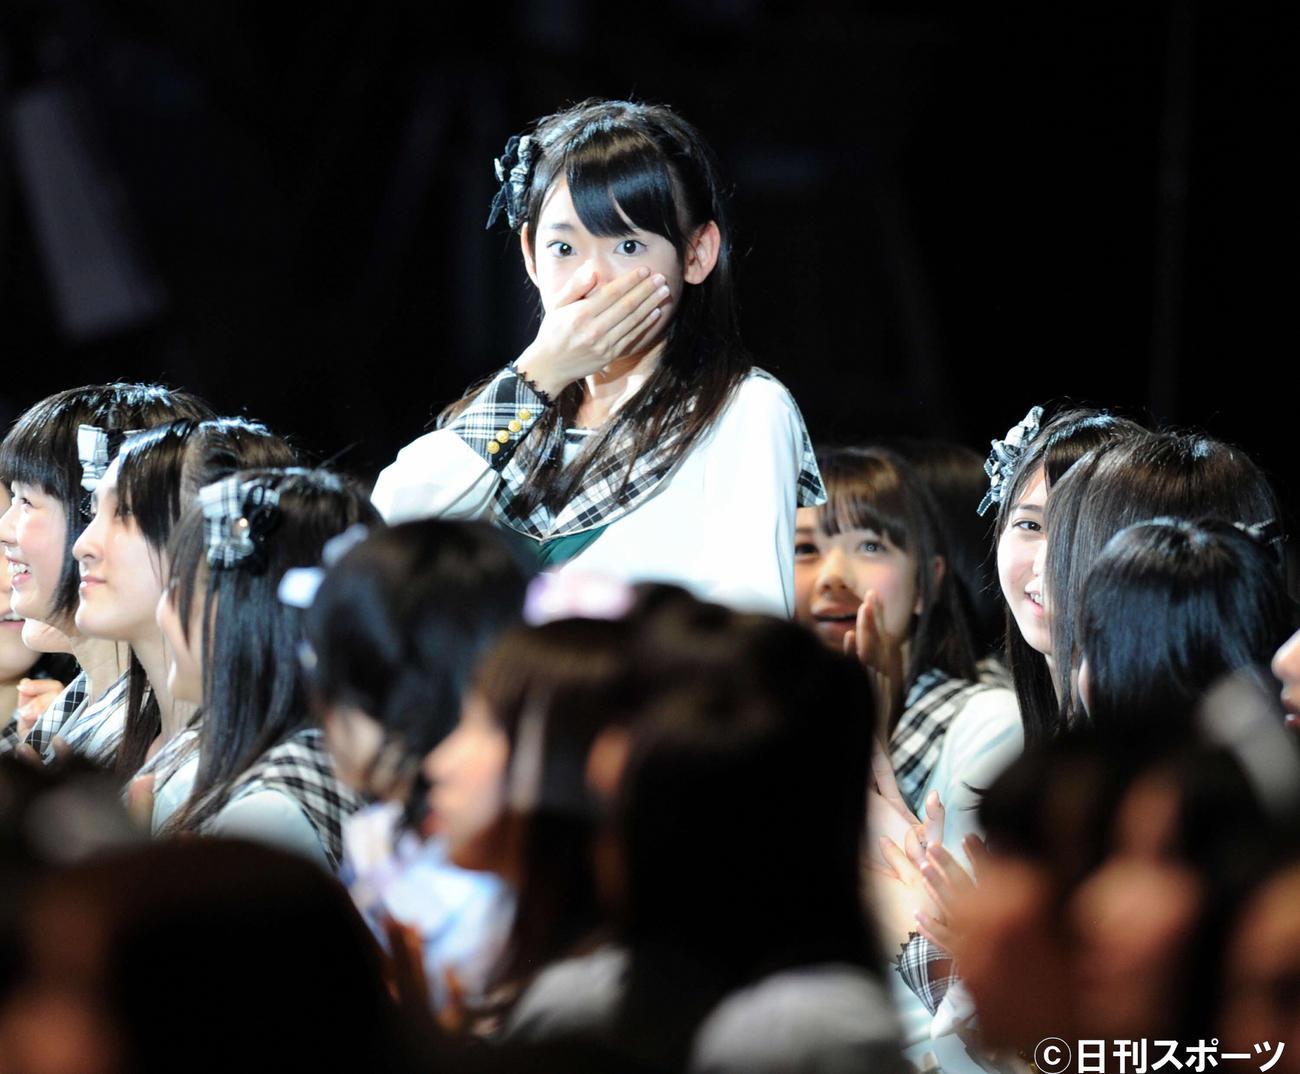 第4回AKB48選抜総選挙開票イベント 驚くHKTの宮脇咲良(2012年6月撮影)